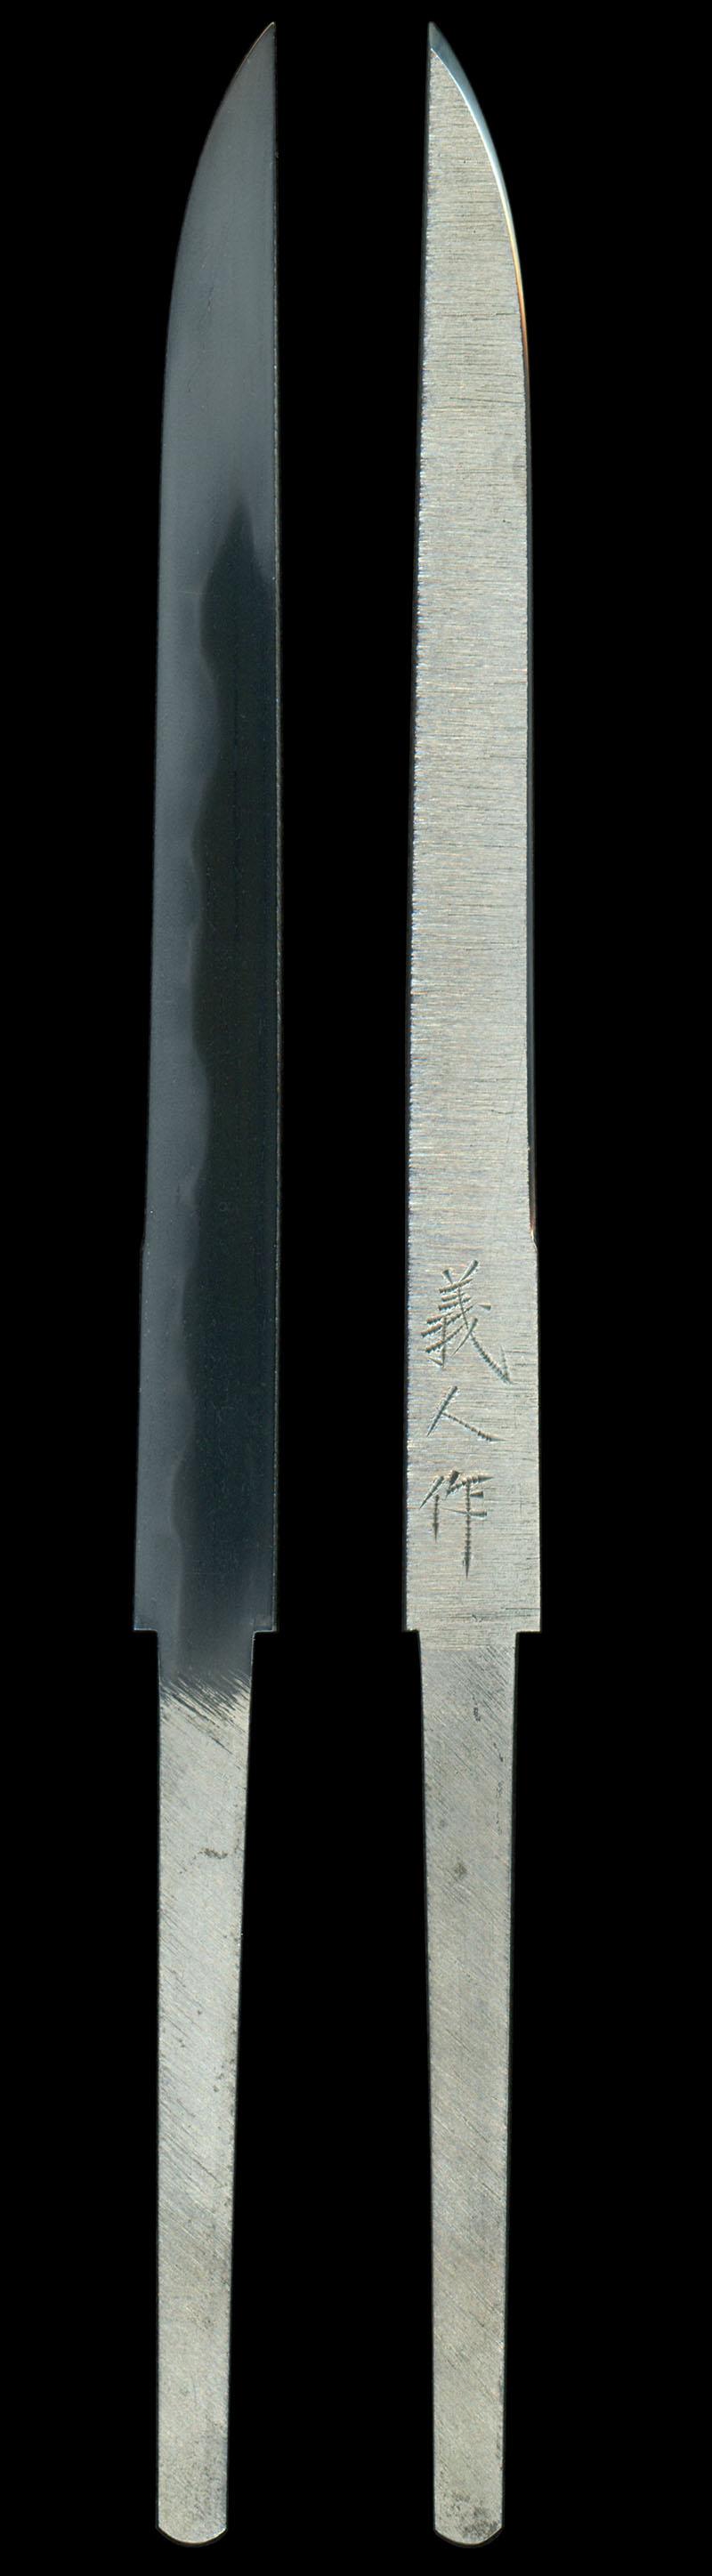 小刀 義人作(吉原 義人)(無鑑査刀匠)Picture of whole